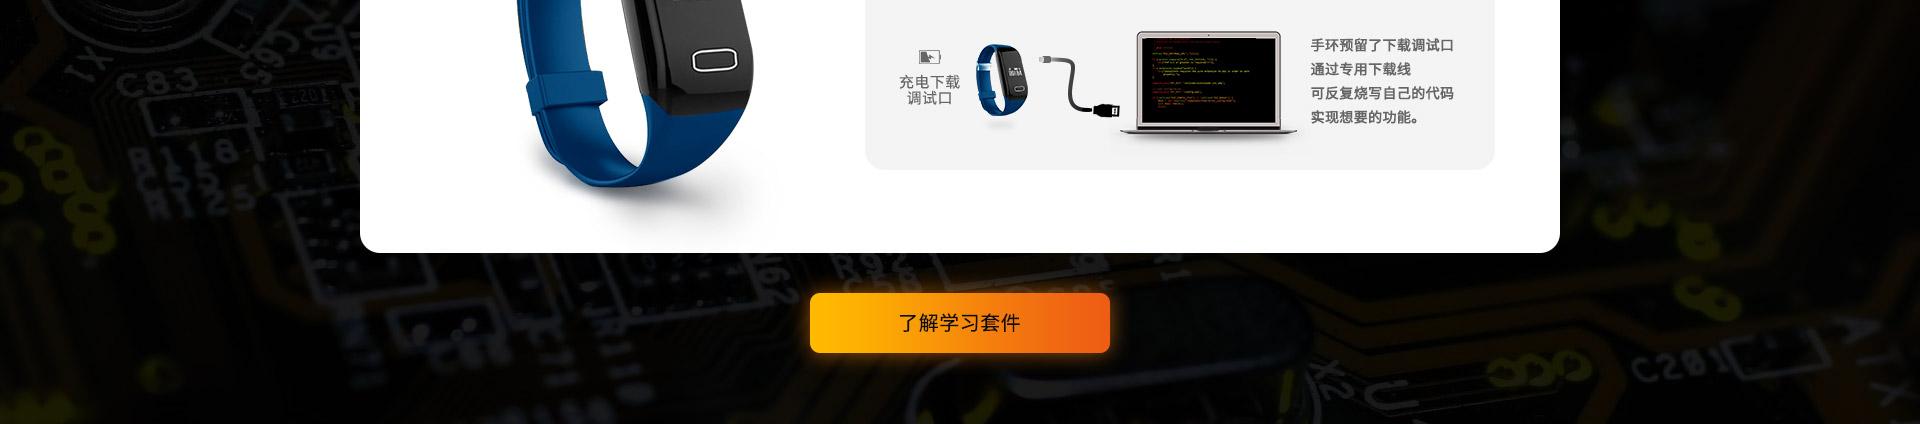 100%开源-蓝牙心率防水运动手环